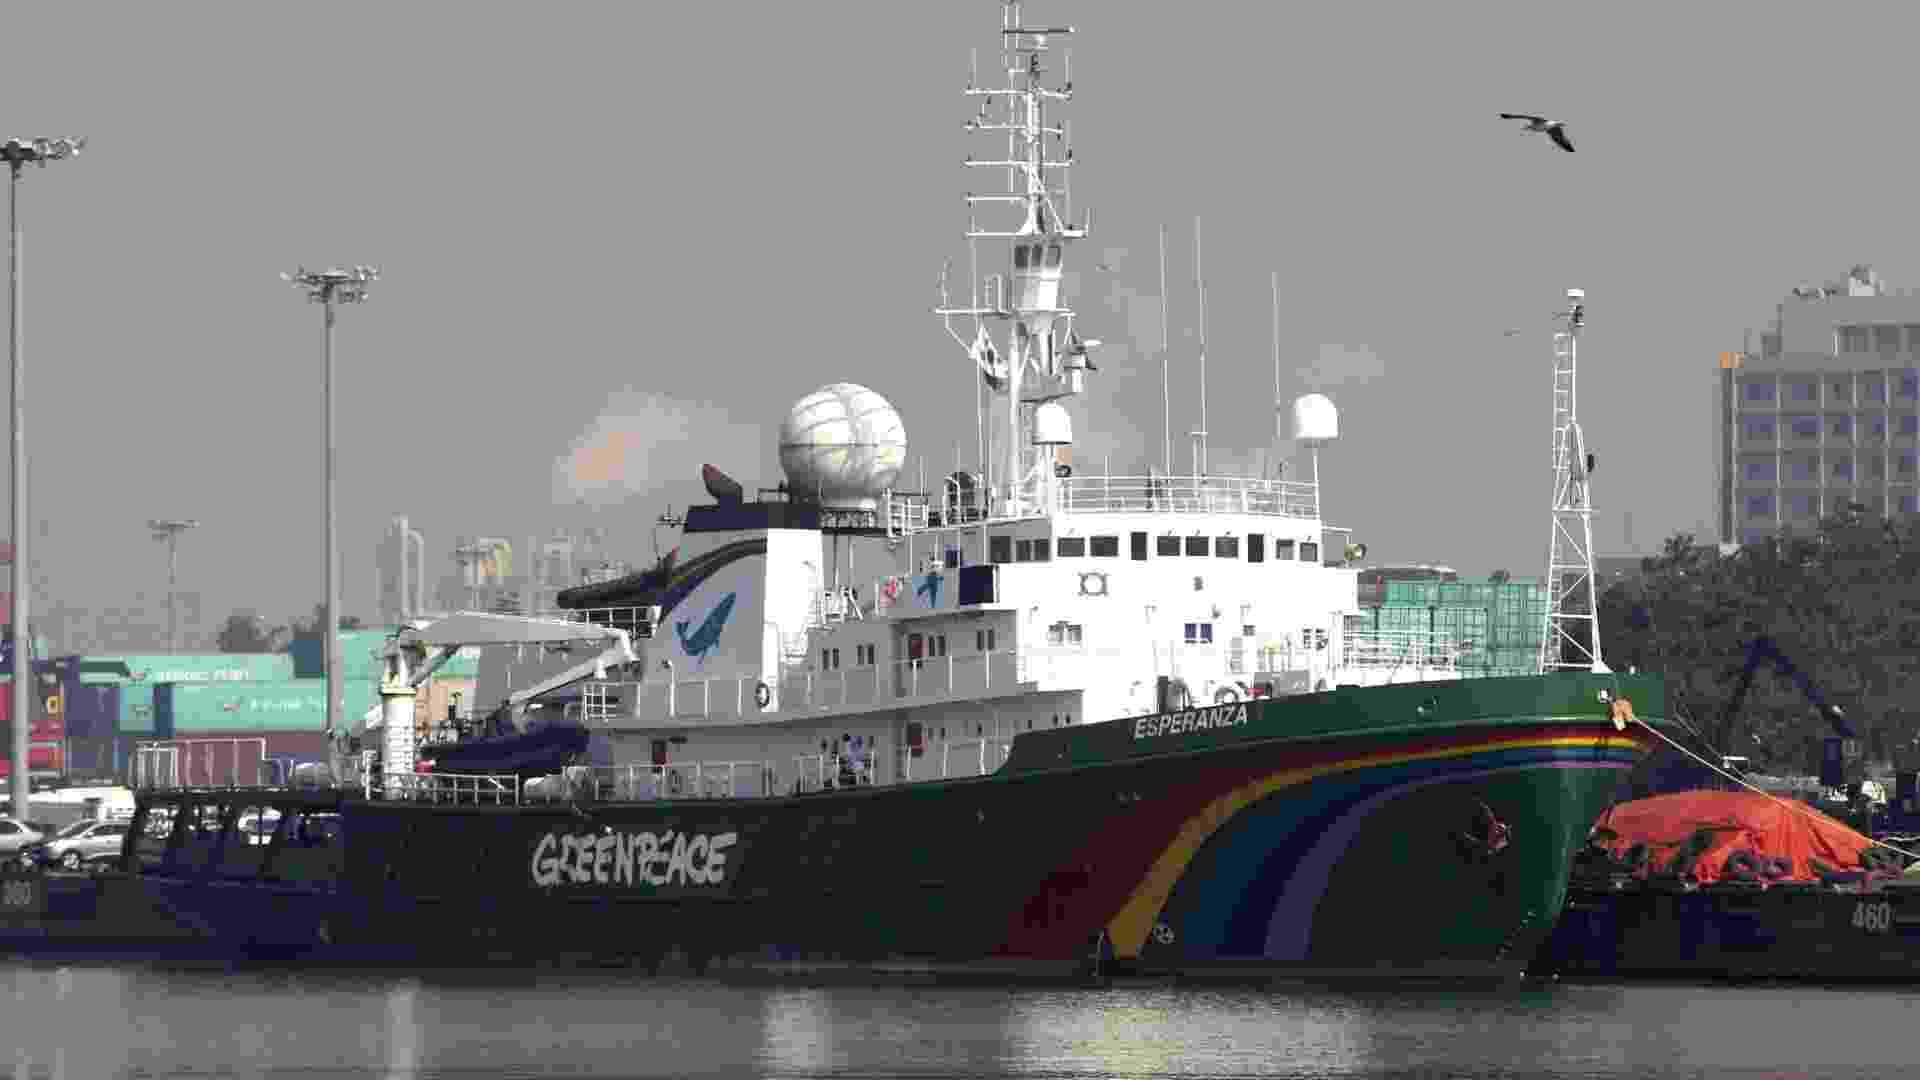 O maior barco do Greenpeace, Esperanza, permanece ancorado no porto da cidade de Incheon, na Coreia do Sul - EFE